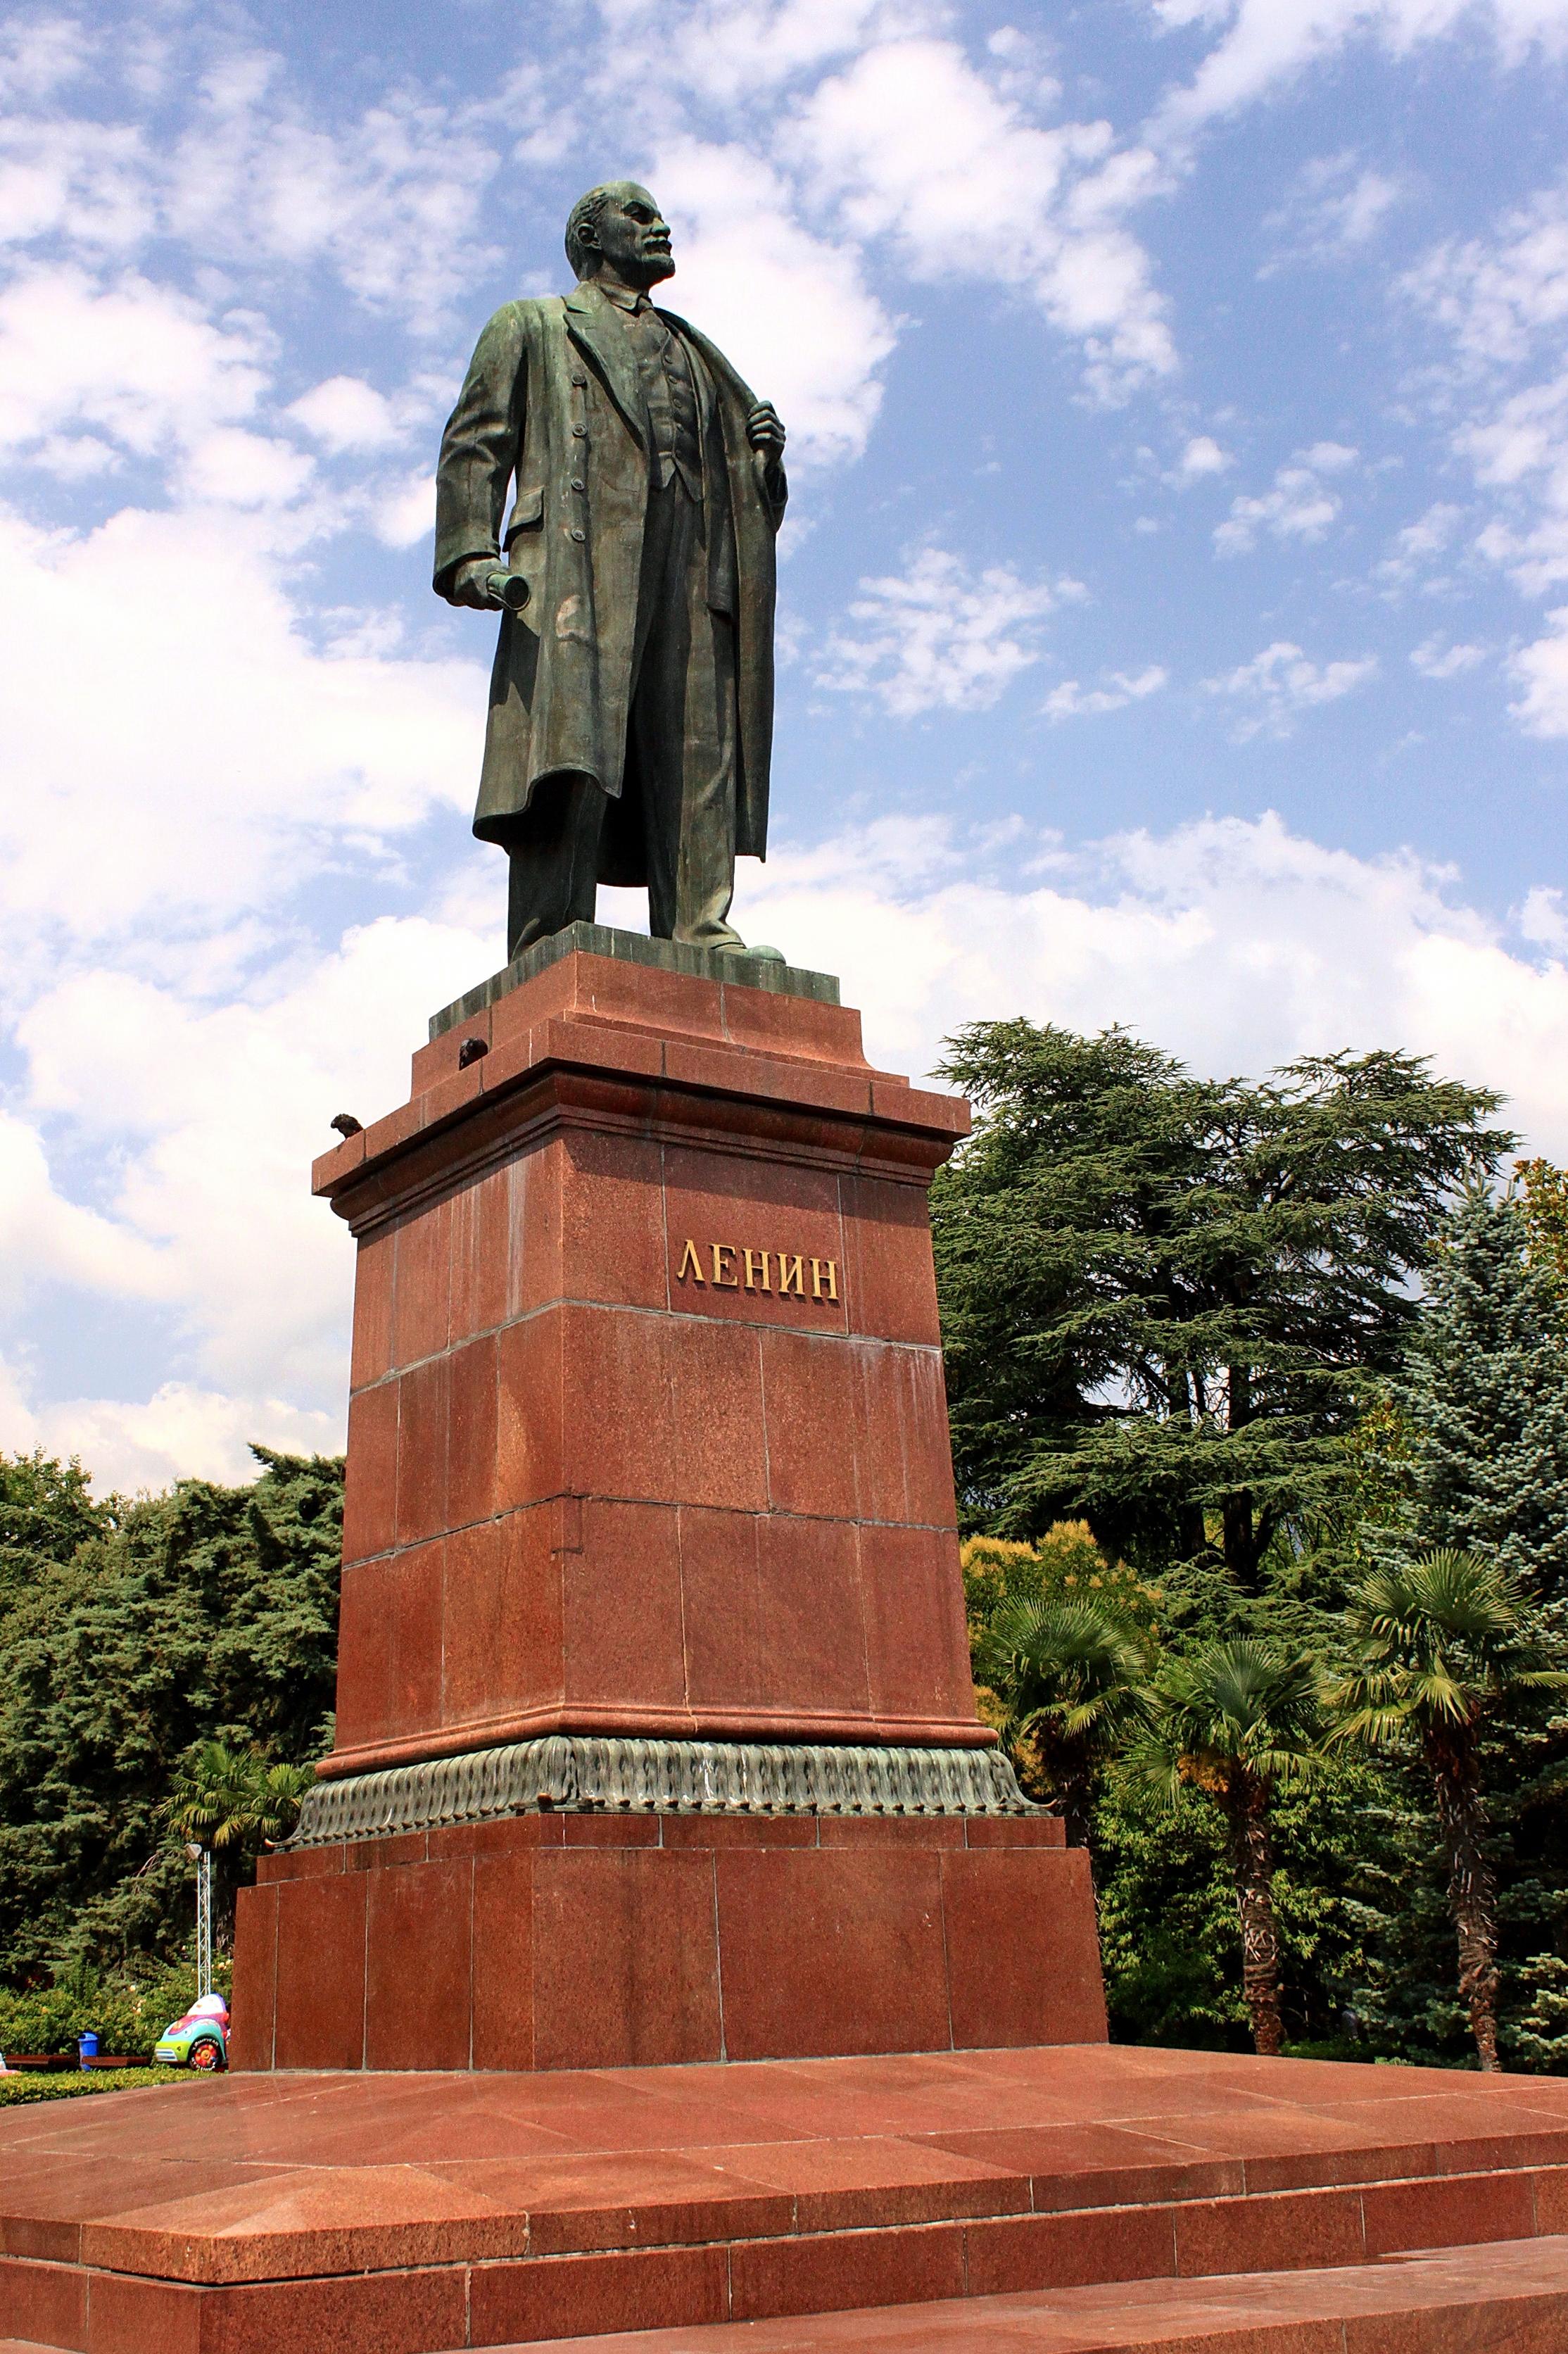 Эконом памятник горизонтальный Волна Пушкин купить двойной памятник